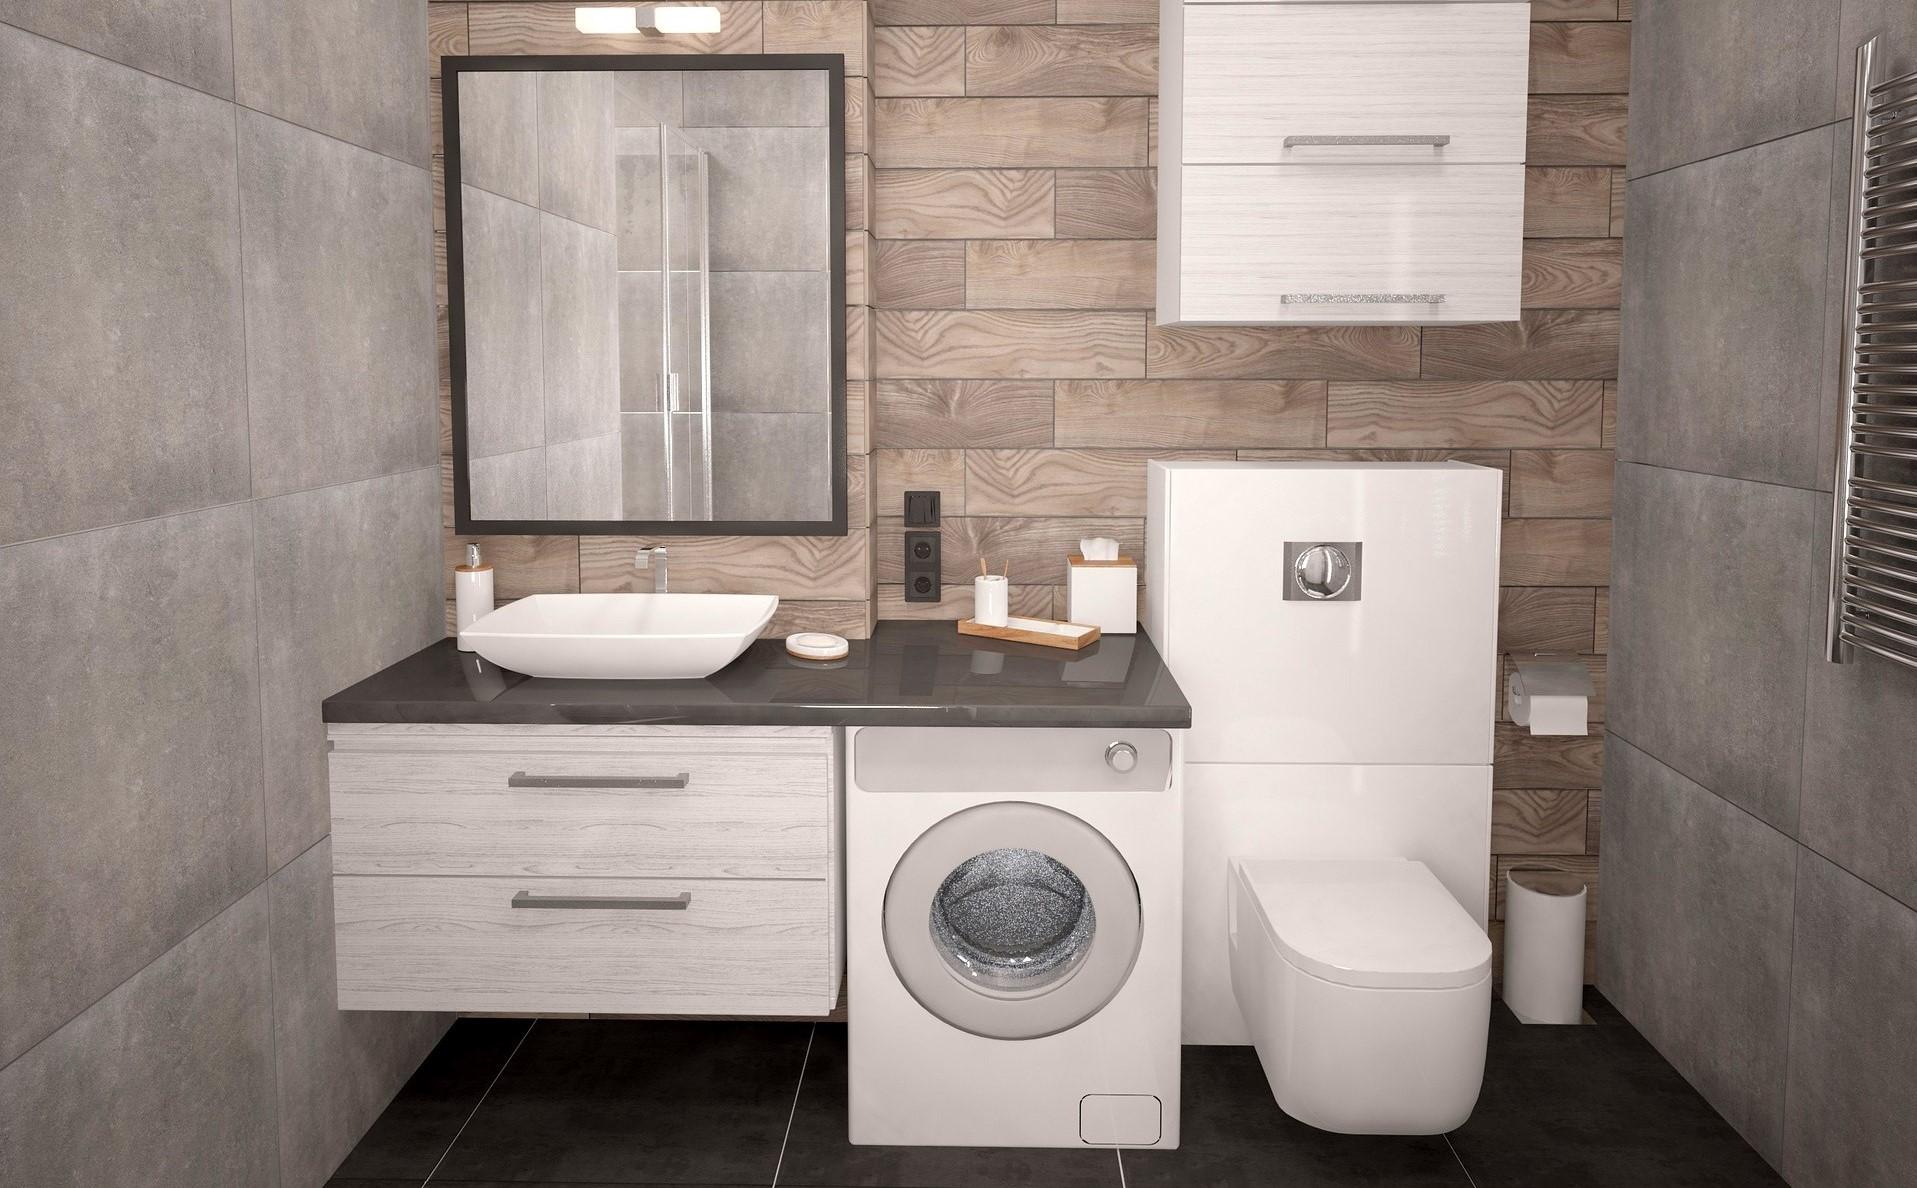 Ein Hängeschrank oberhalb der Toilette schafft zusätzlichen Stauraum